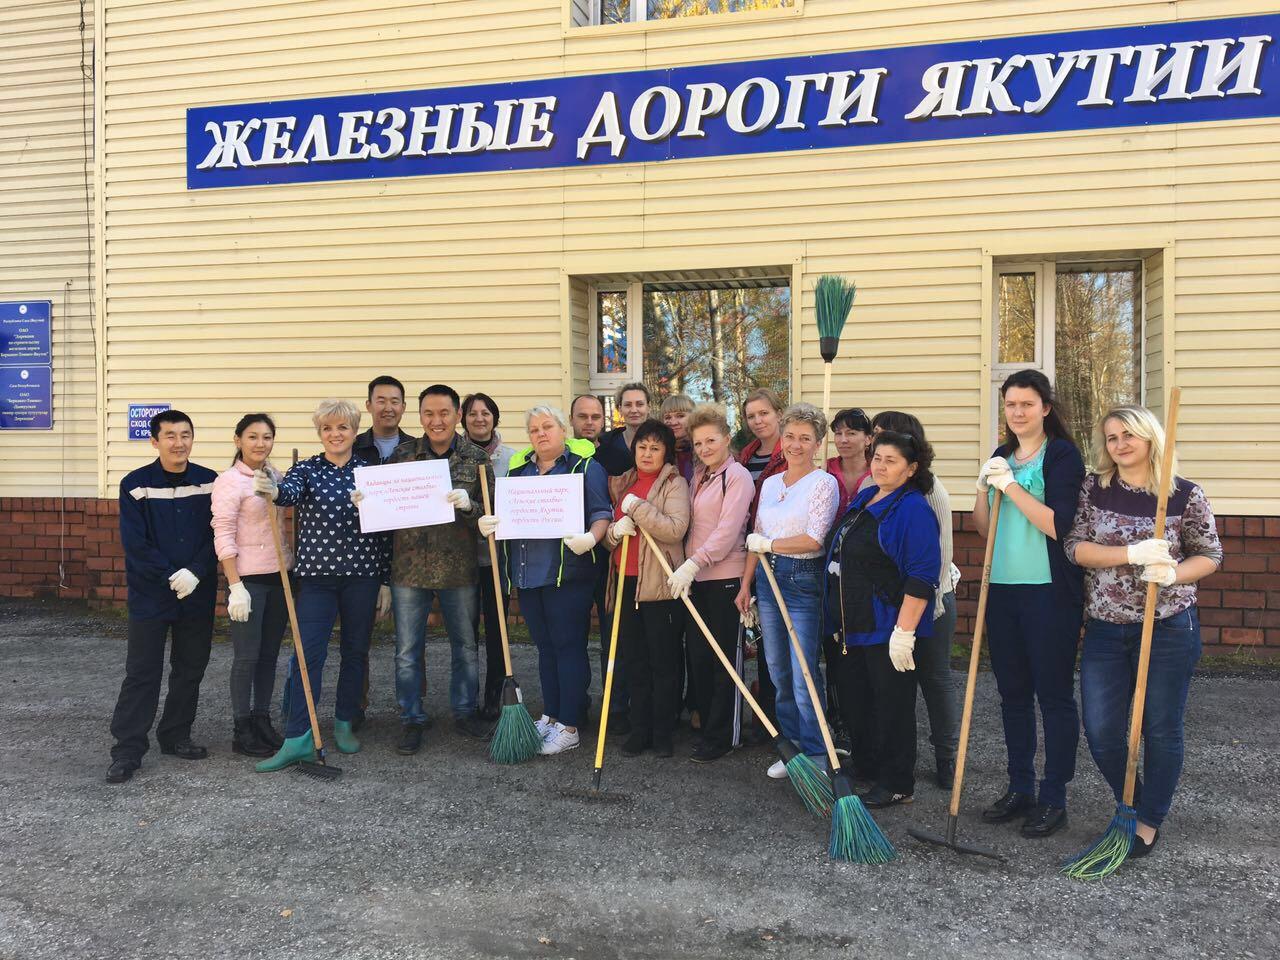 «Железные дороги Якутии» присоединилась к акции «Всероссийский экологический субботник «Зеленая Россия»